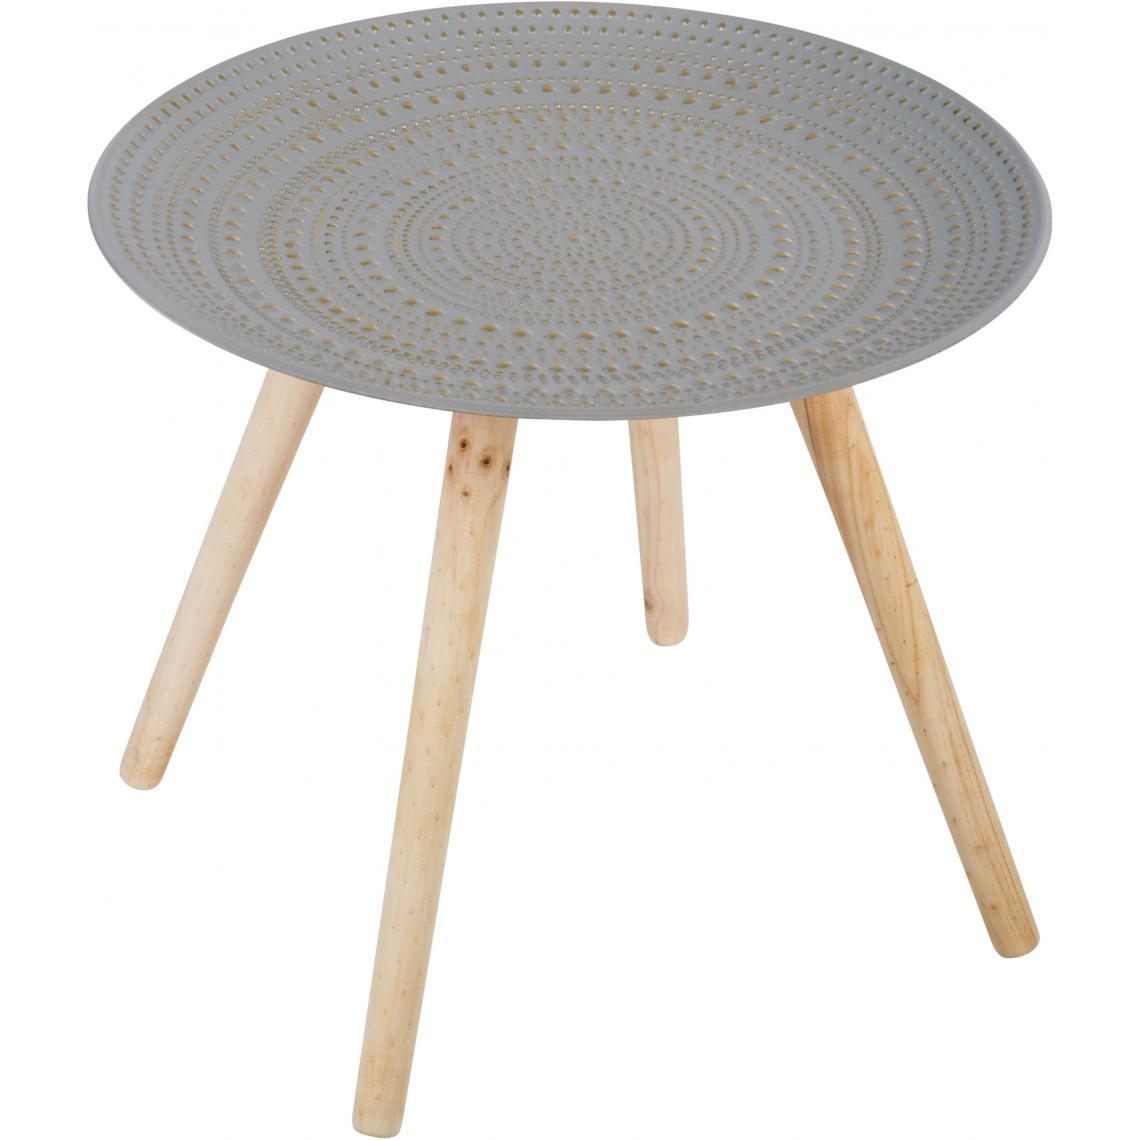 Table Basse Grise Pietement En Bois Volis